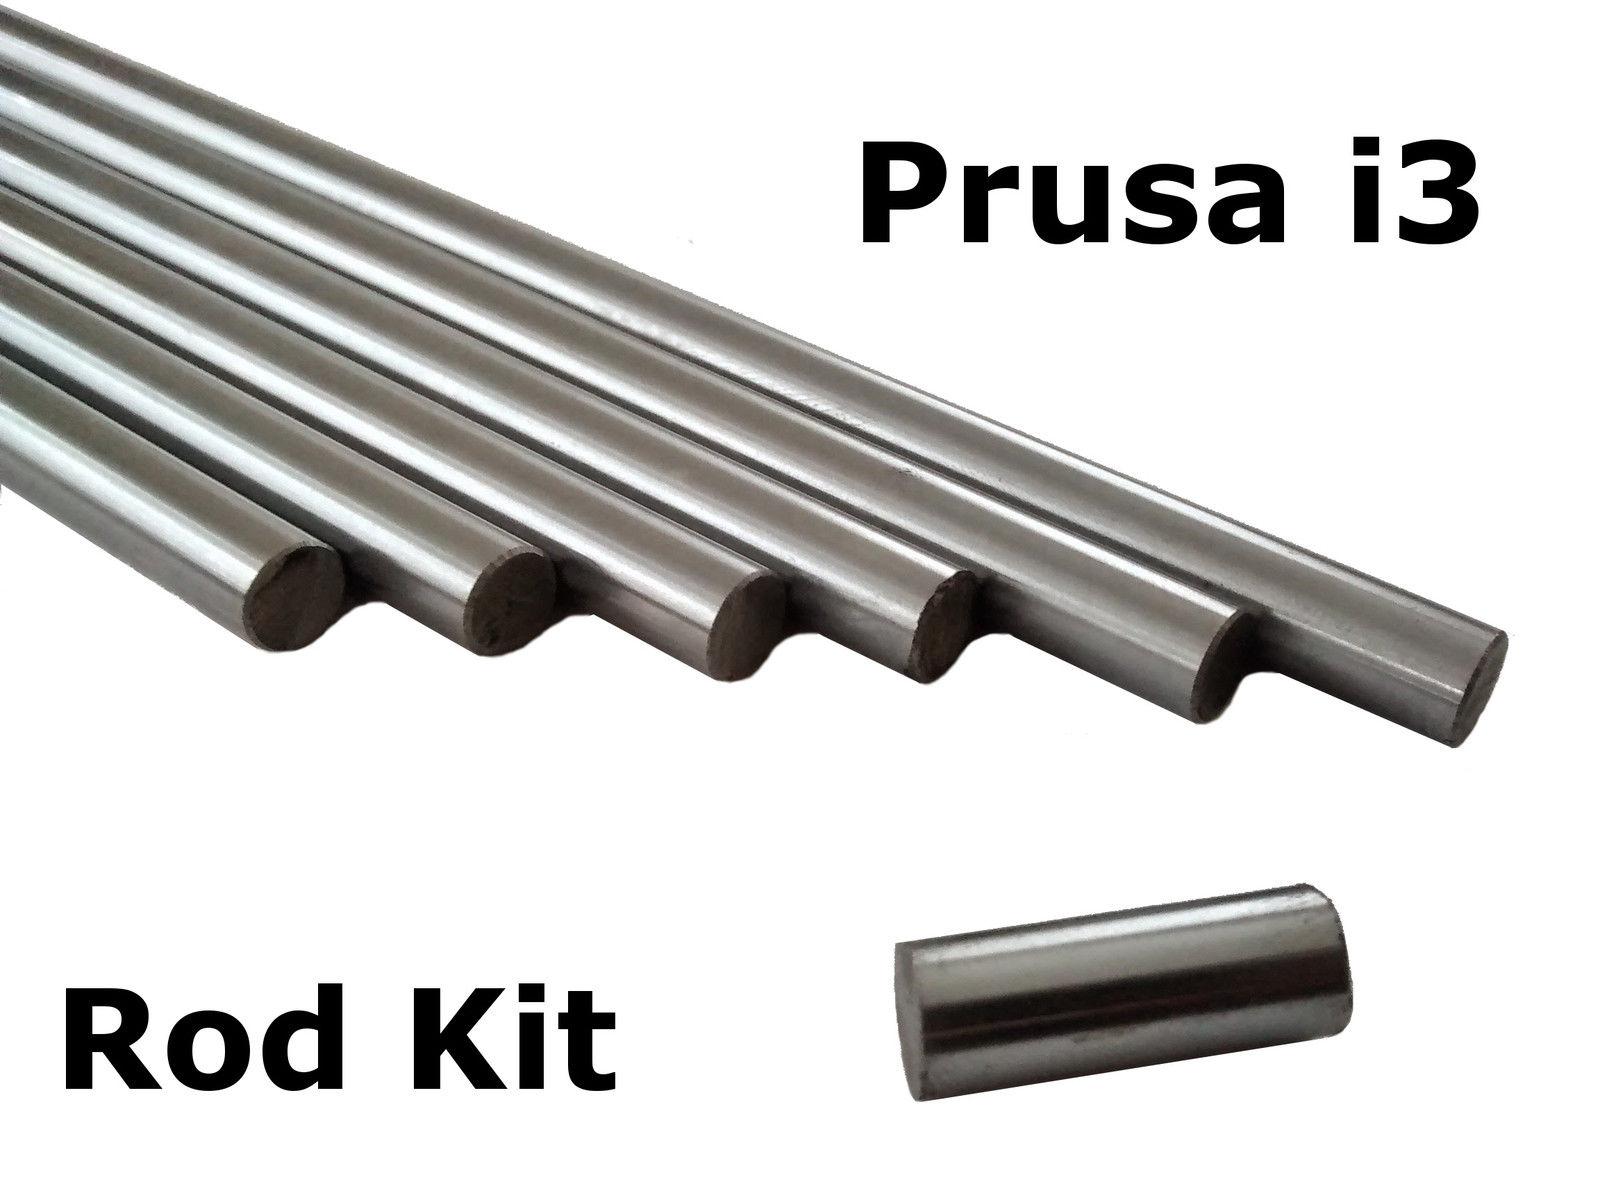 Prusa i3 3D-принтеры Гладкий стержень Наборы-8 мм хром Сталь Гладкий стержень l 20 мм 320 мм 350 мм 370 мм линейные вал оптической оси-RepRap